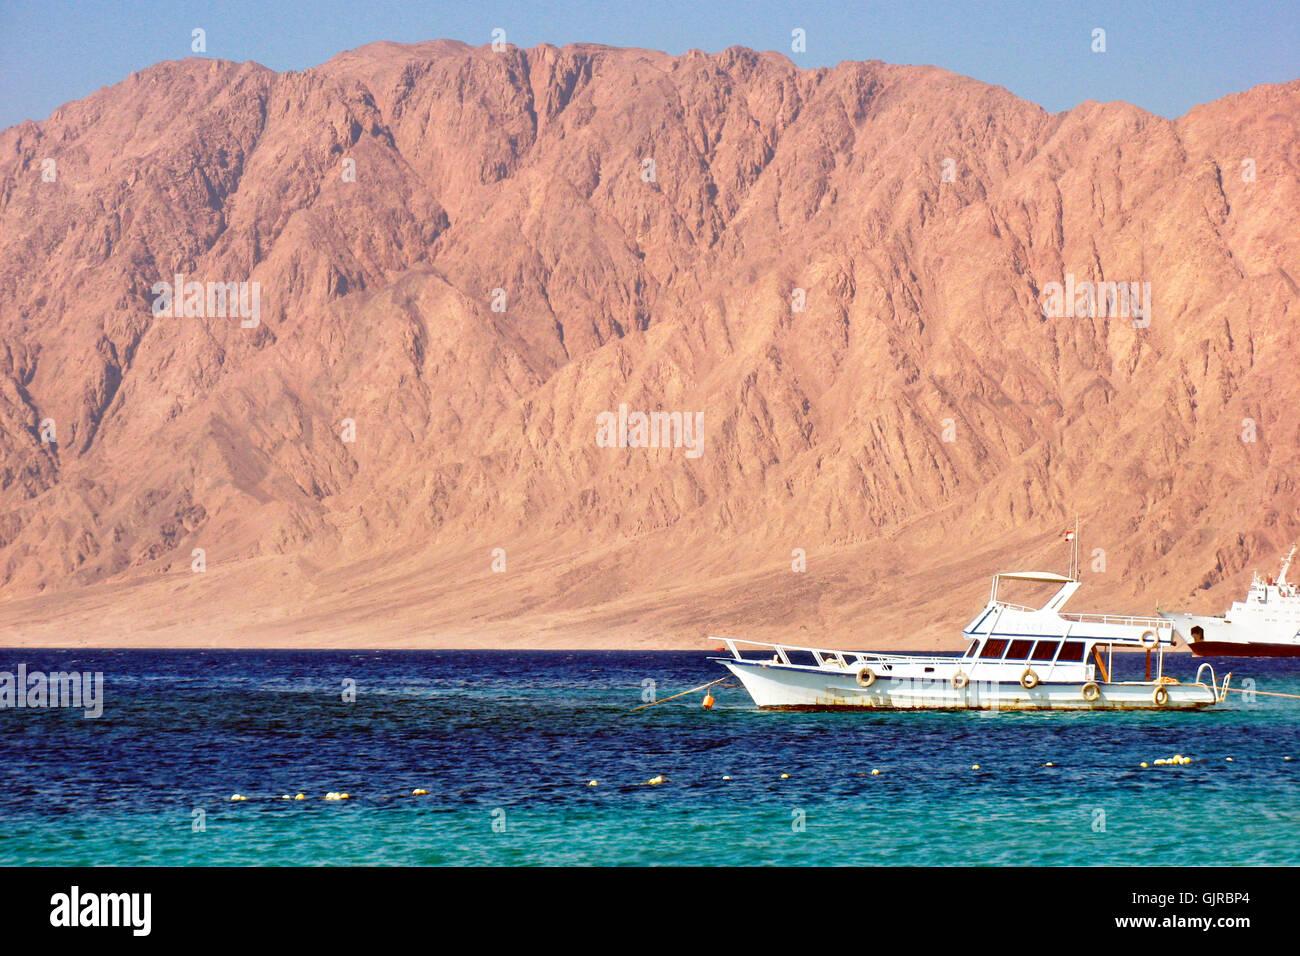 travel mountains tourism - Stock Image